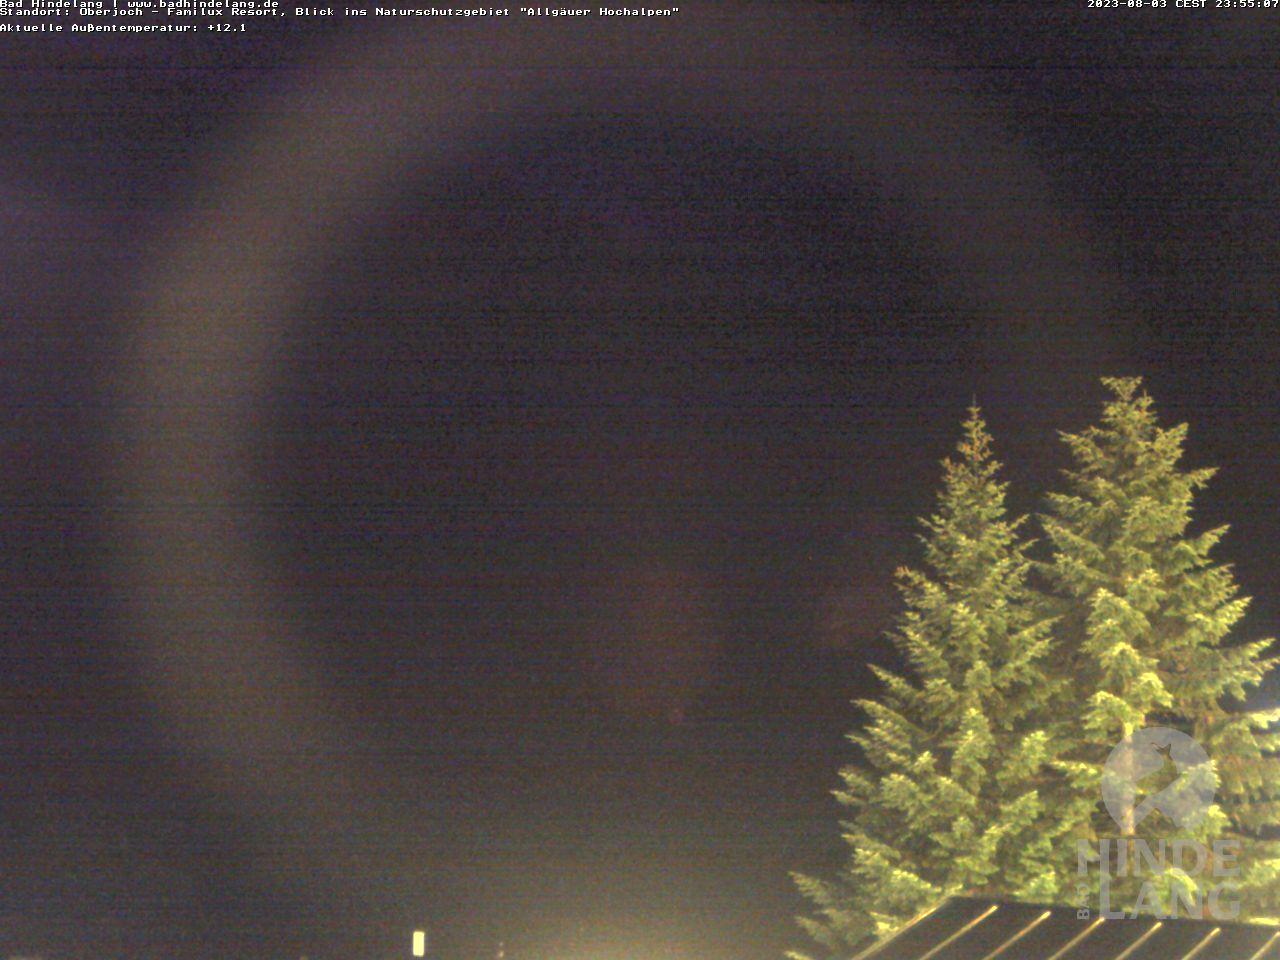 Webcam Naturschutzgebiet Allgäuer Hochalpen vom Kinderhotel Oberjoch